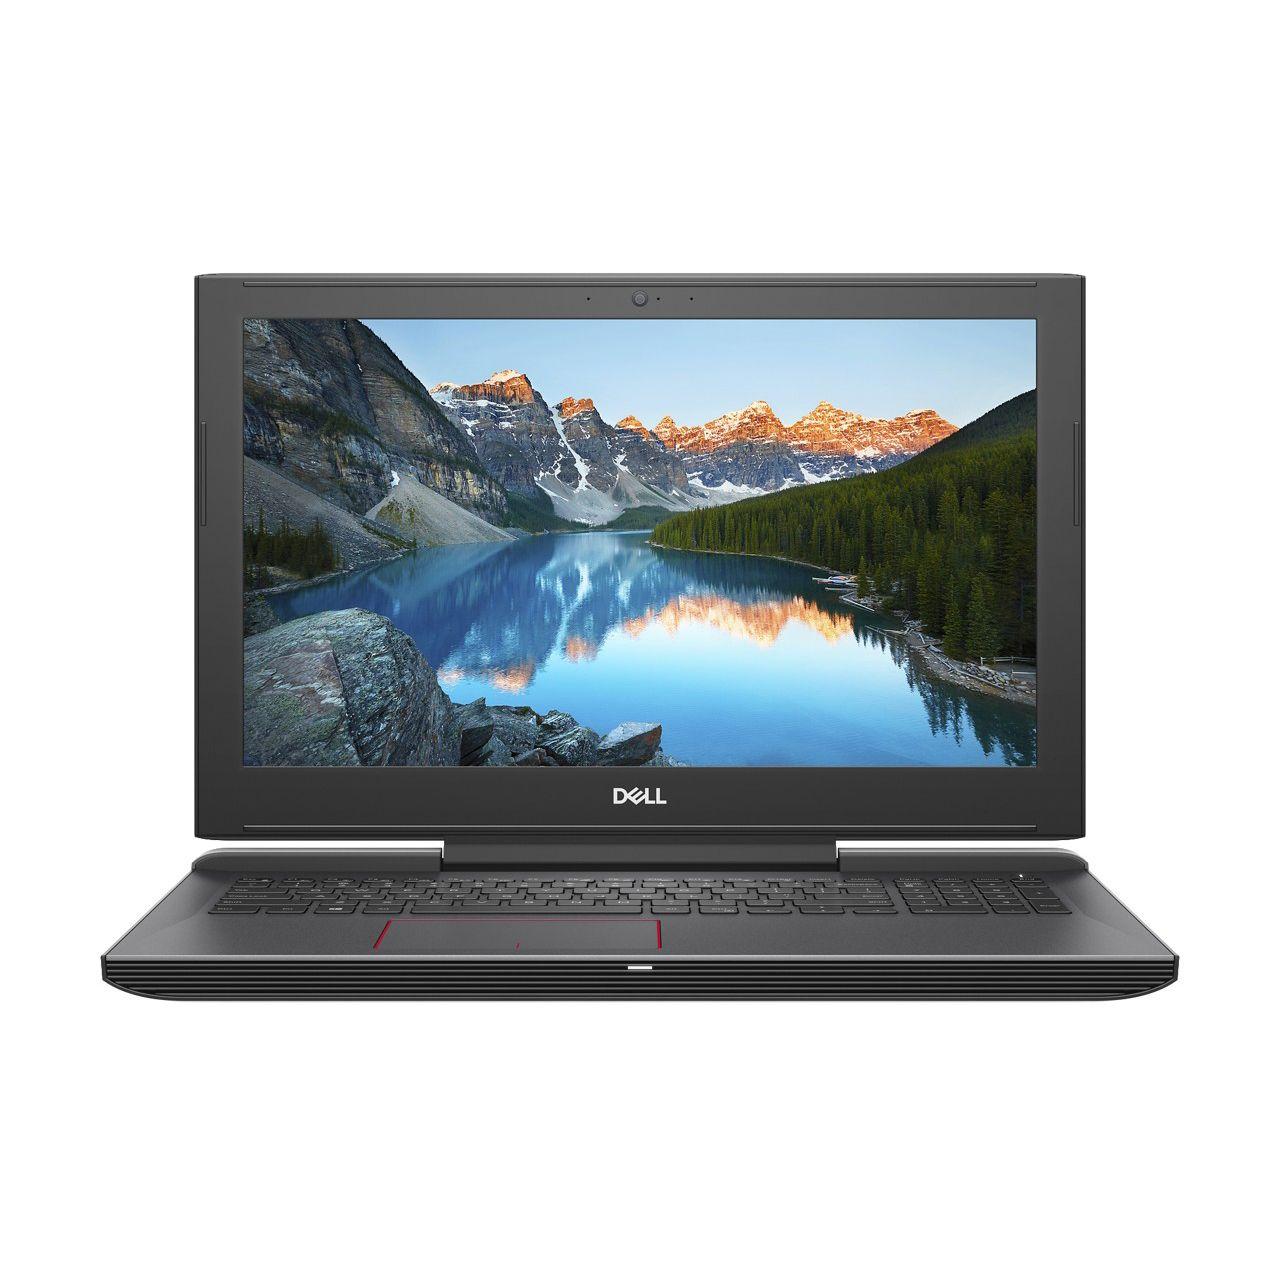 Notebook Dell Inspiron 7577 15.6 Full HD Intel Core i7-7700HQ GTX 1050 Ti-4GB RAM 16GB HDD 1TB + SSD 128GB Windows 10 Home